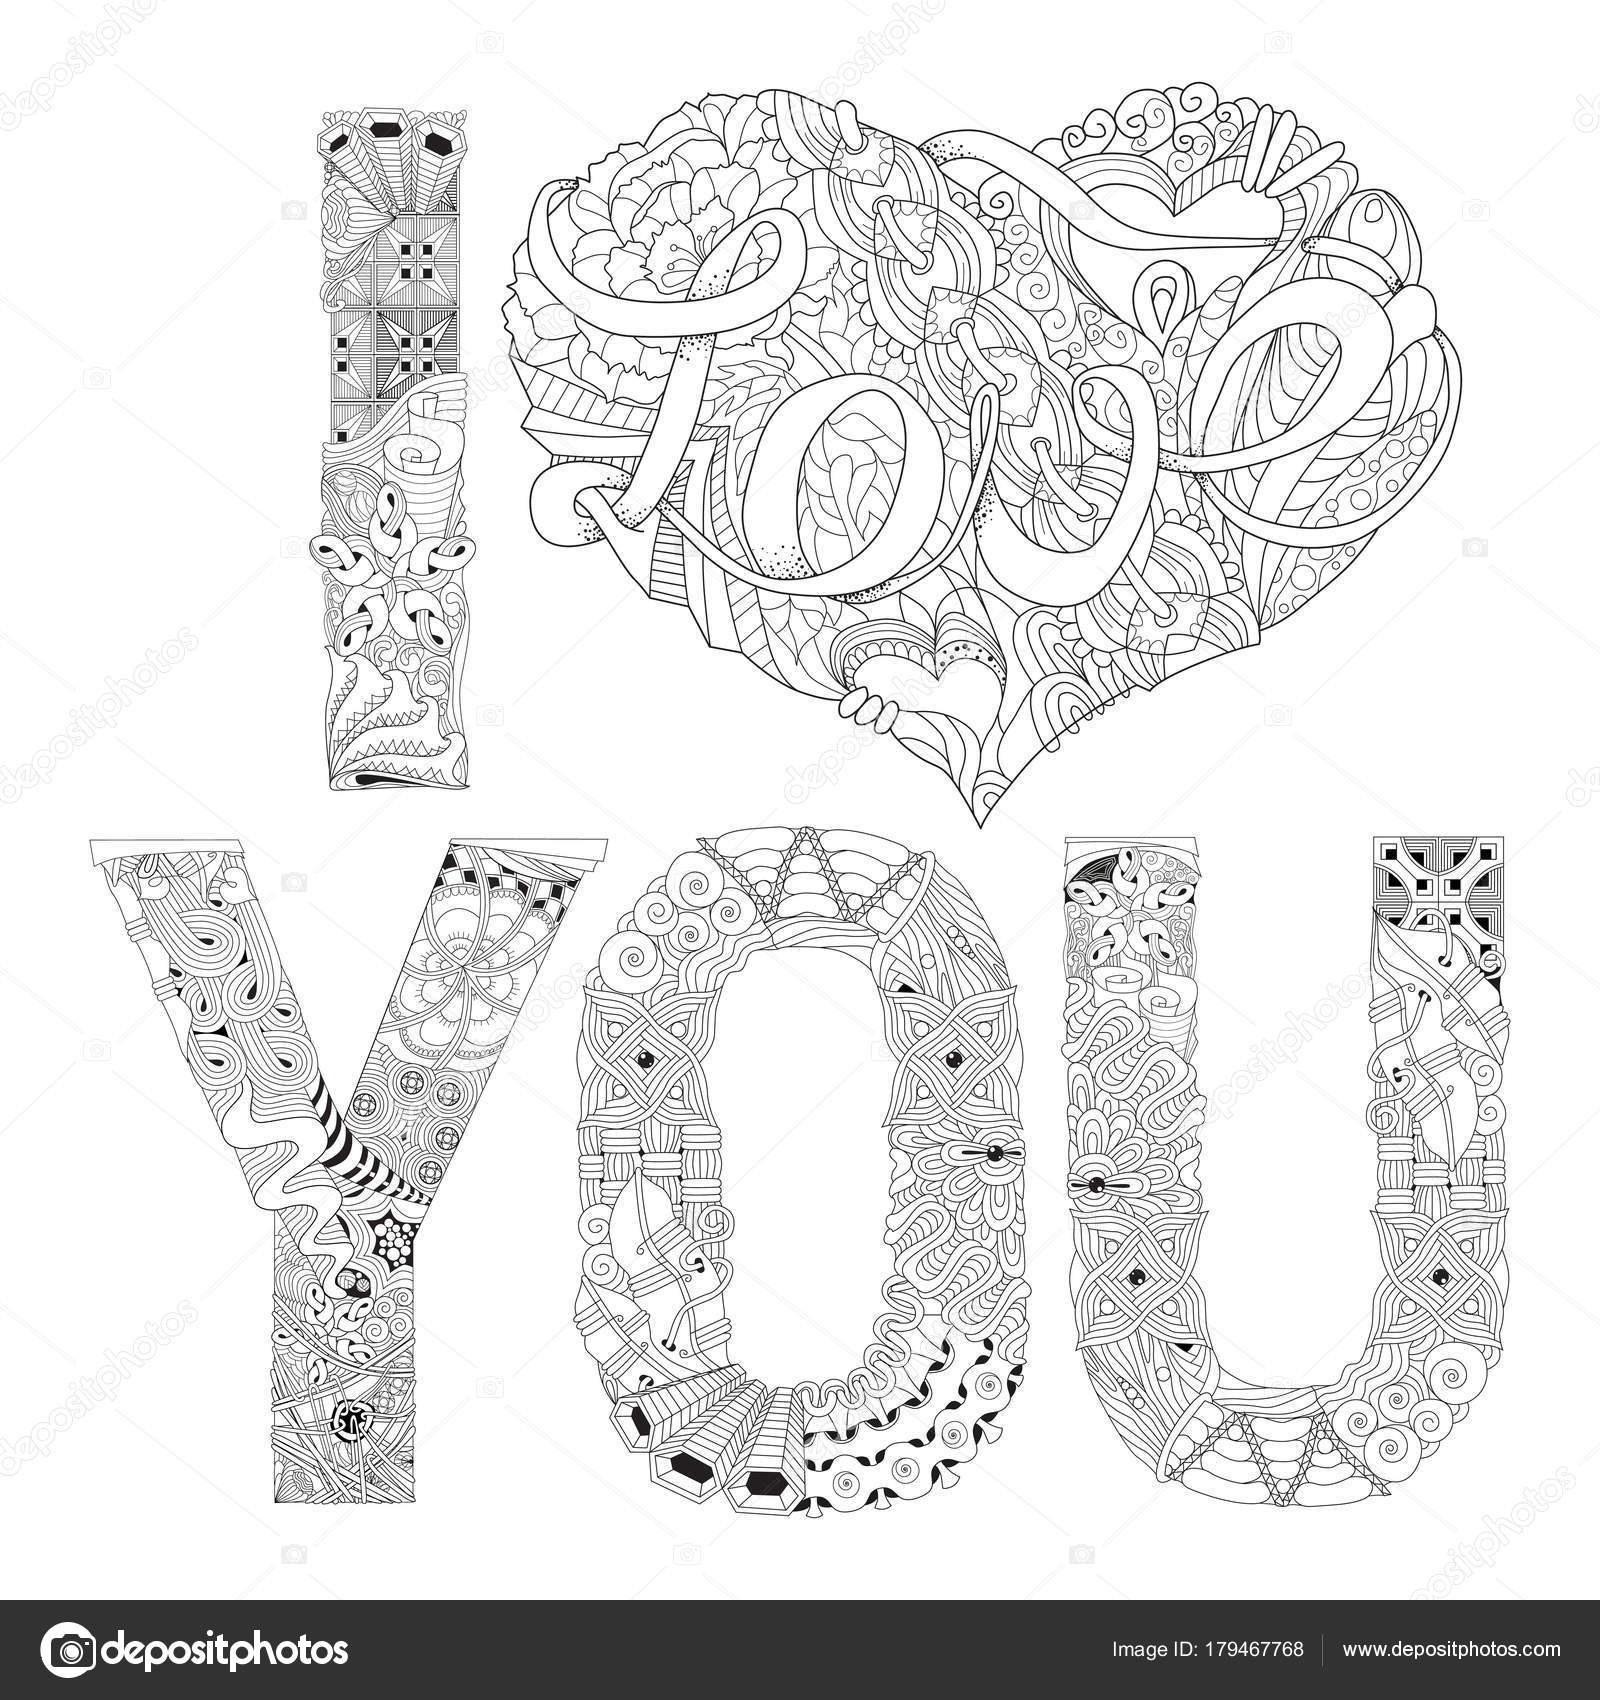 Ich Liebe Dich Ausmalbilder Neu Malvorlagen Ich Liebe Dich Einzigartig Das Wort Ich Liebe Dich Zum Bilder